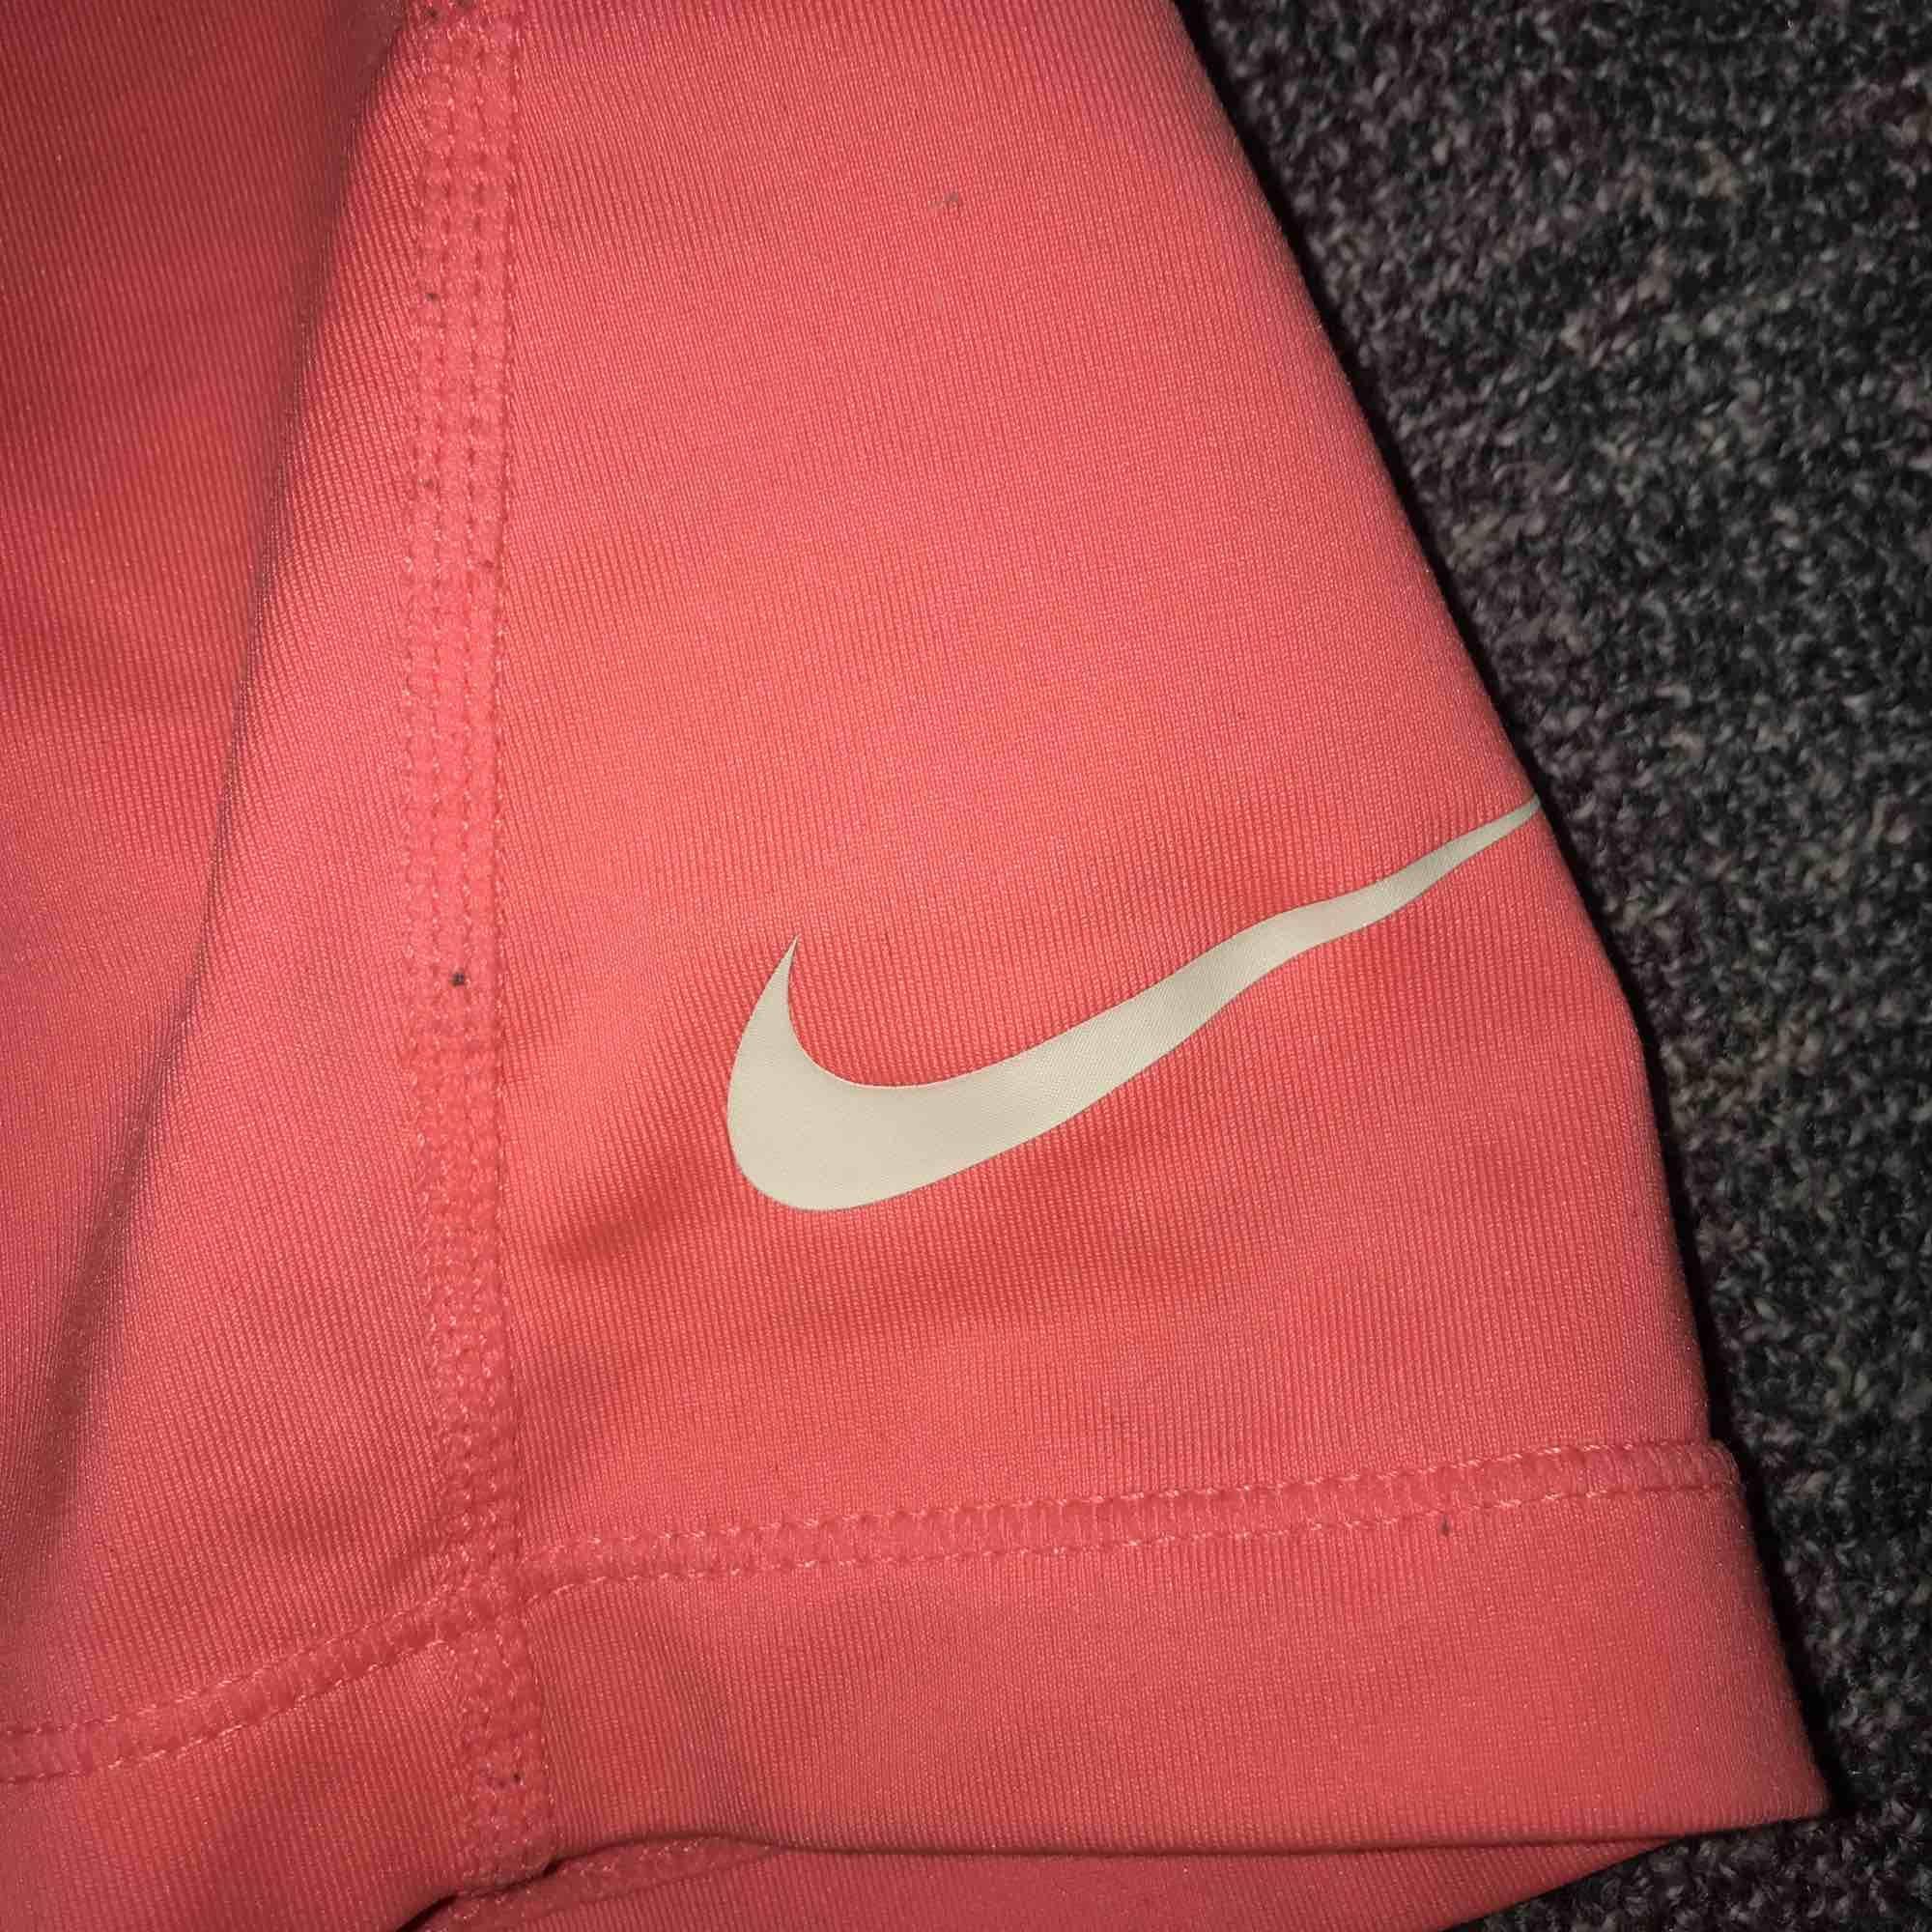 Nike pro shorts. Rosa: storlek xs använt 2 gånger märket är inte slitet. Pris 70kr (dom andra är solda). Jeans & Byxor.